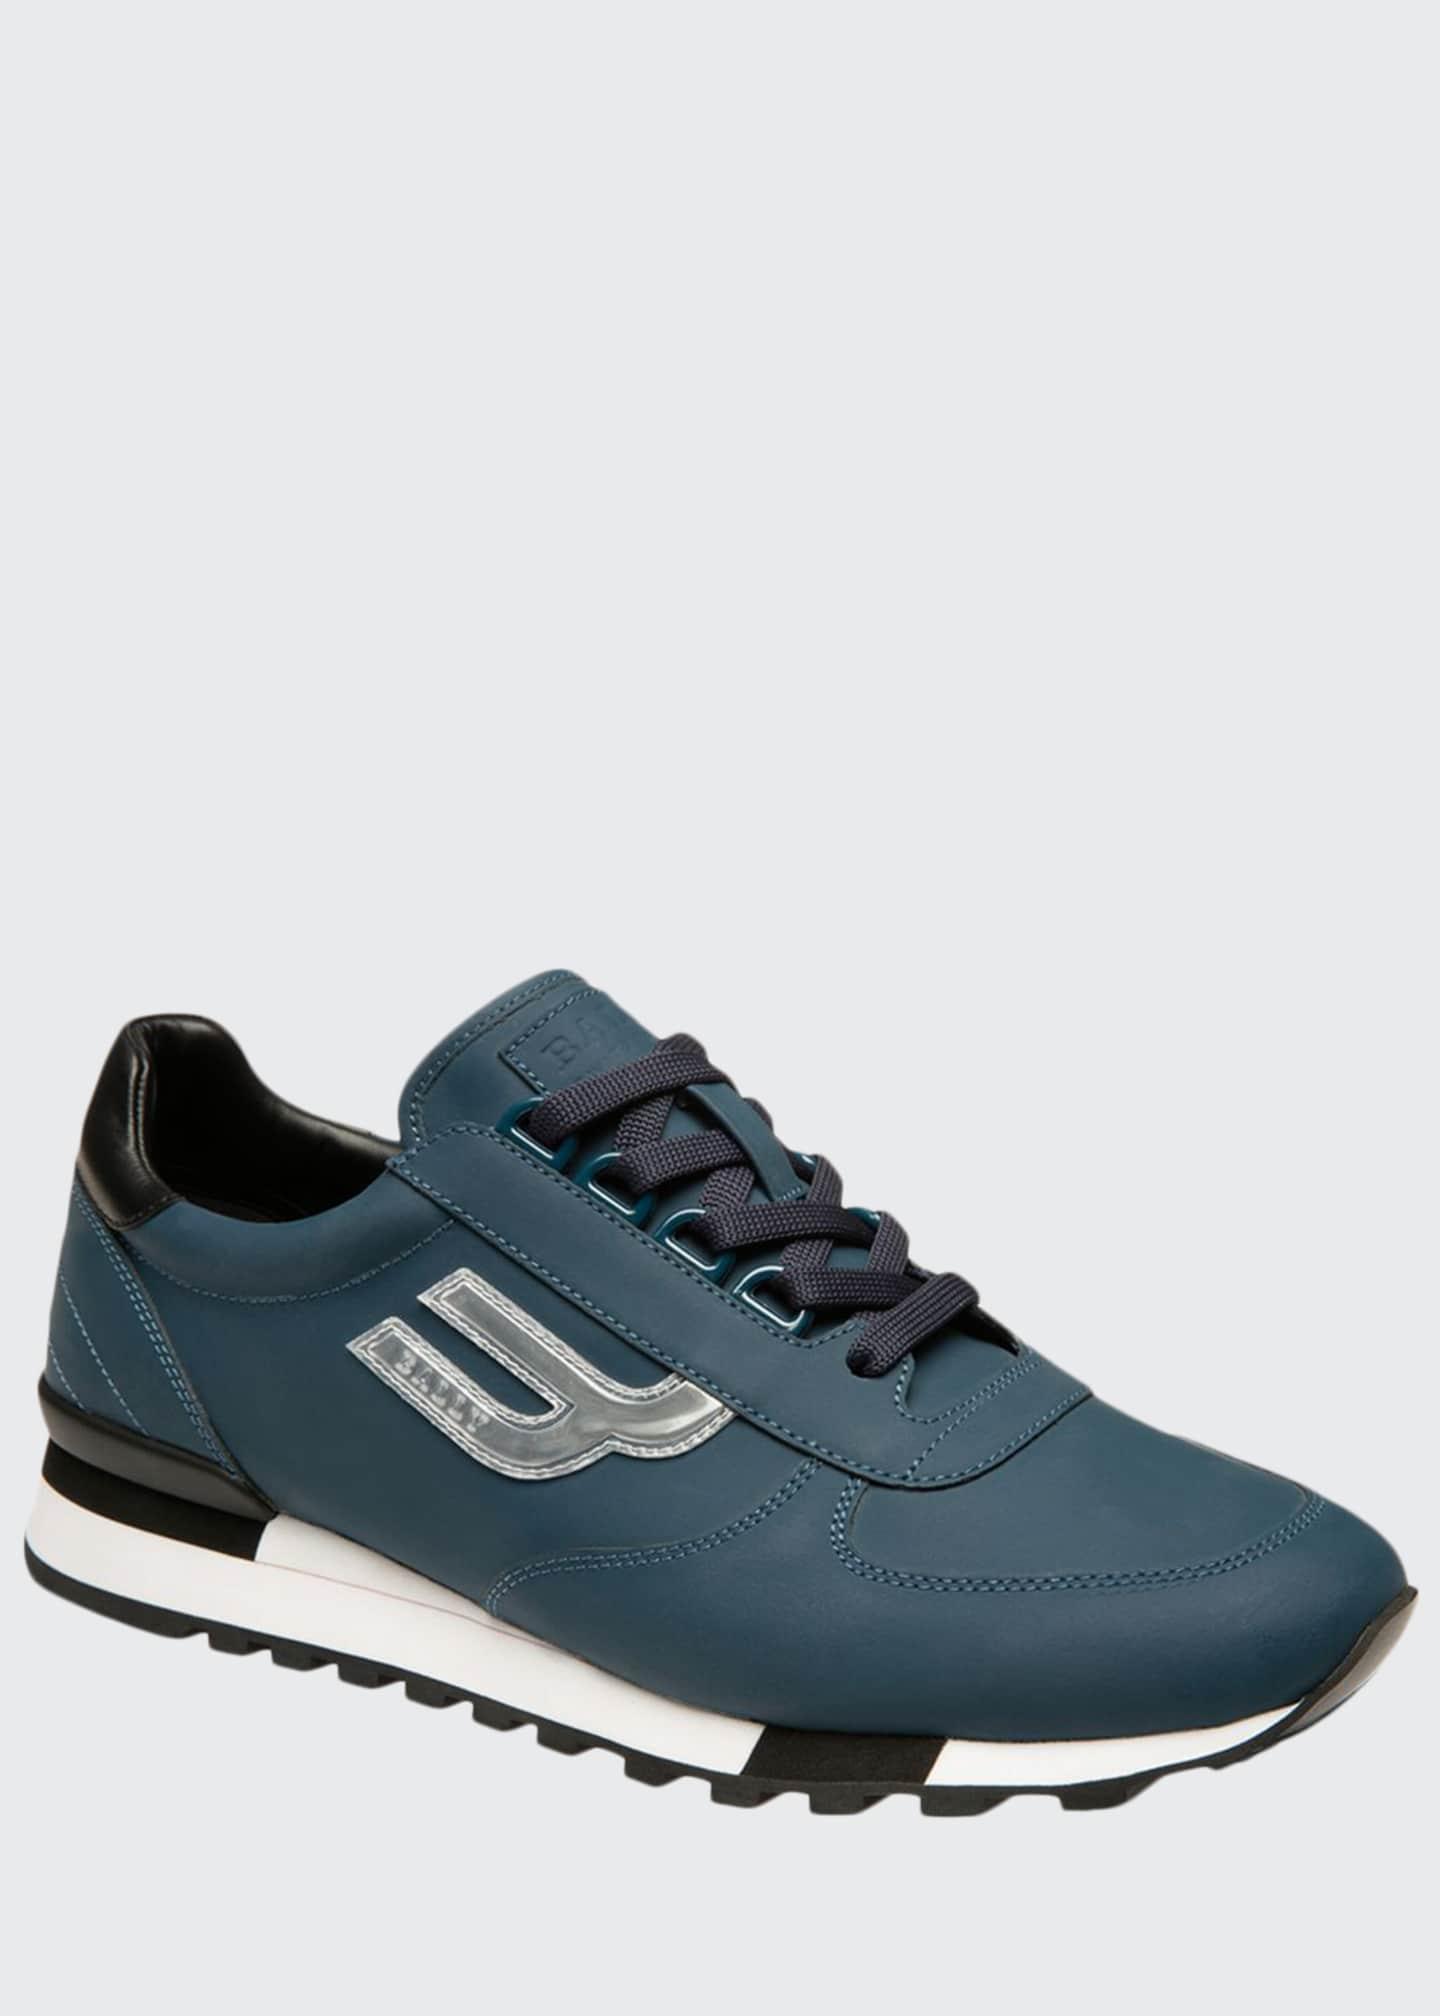 Bally Men's Gavino Leather Runner Sneakers